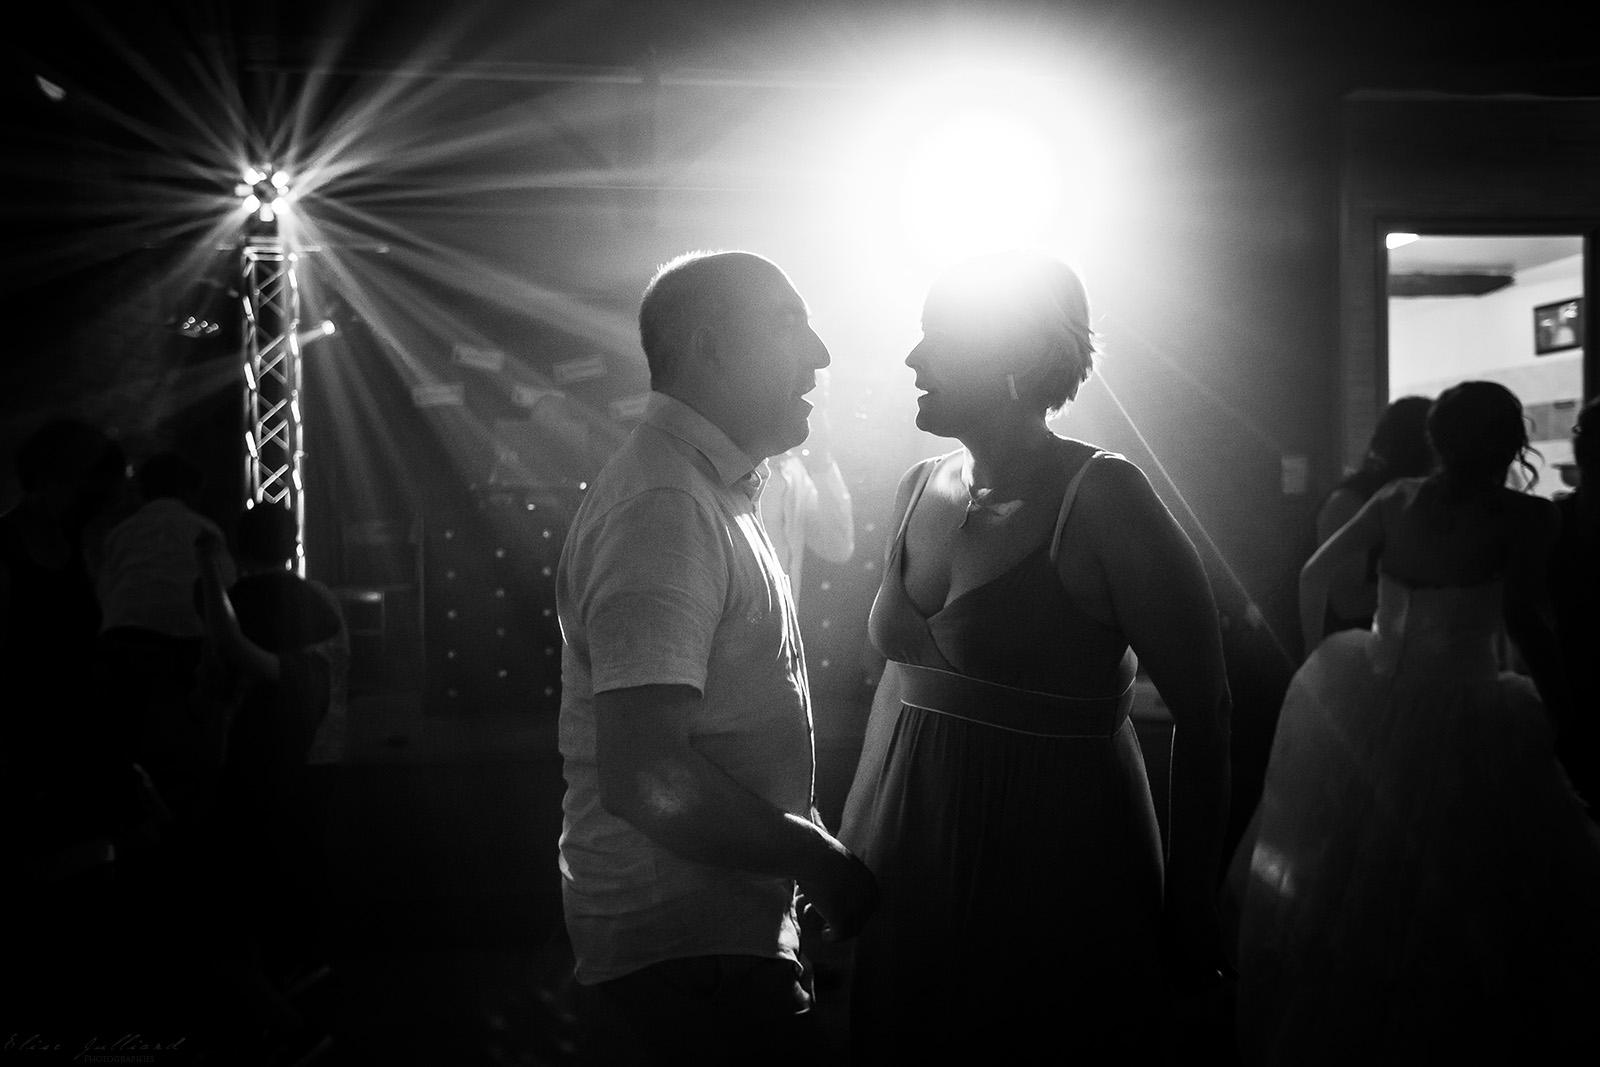 mariage-reportage-photographe-wedding-photographer-robe-chateau-de-blaceret-roy-lyon-couple-auvergne-rhone-alpes-savoie-haute-savoie-isere-ain-drome-ardeche-elise-julliard-3